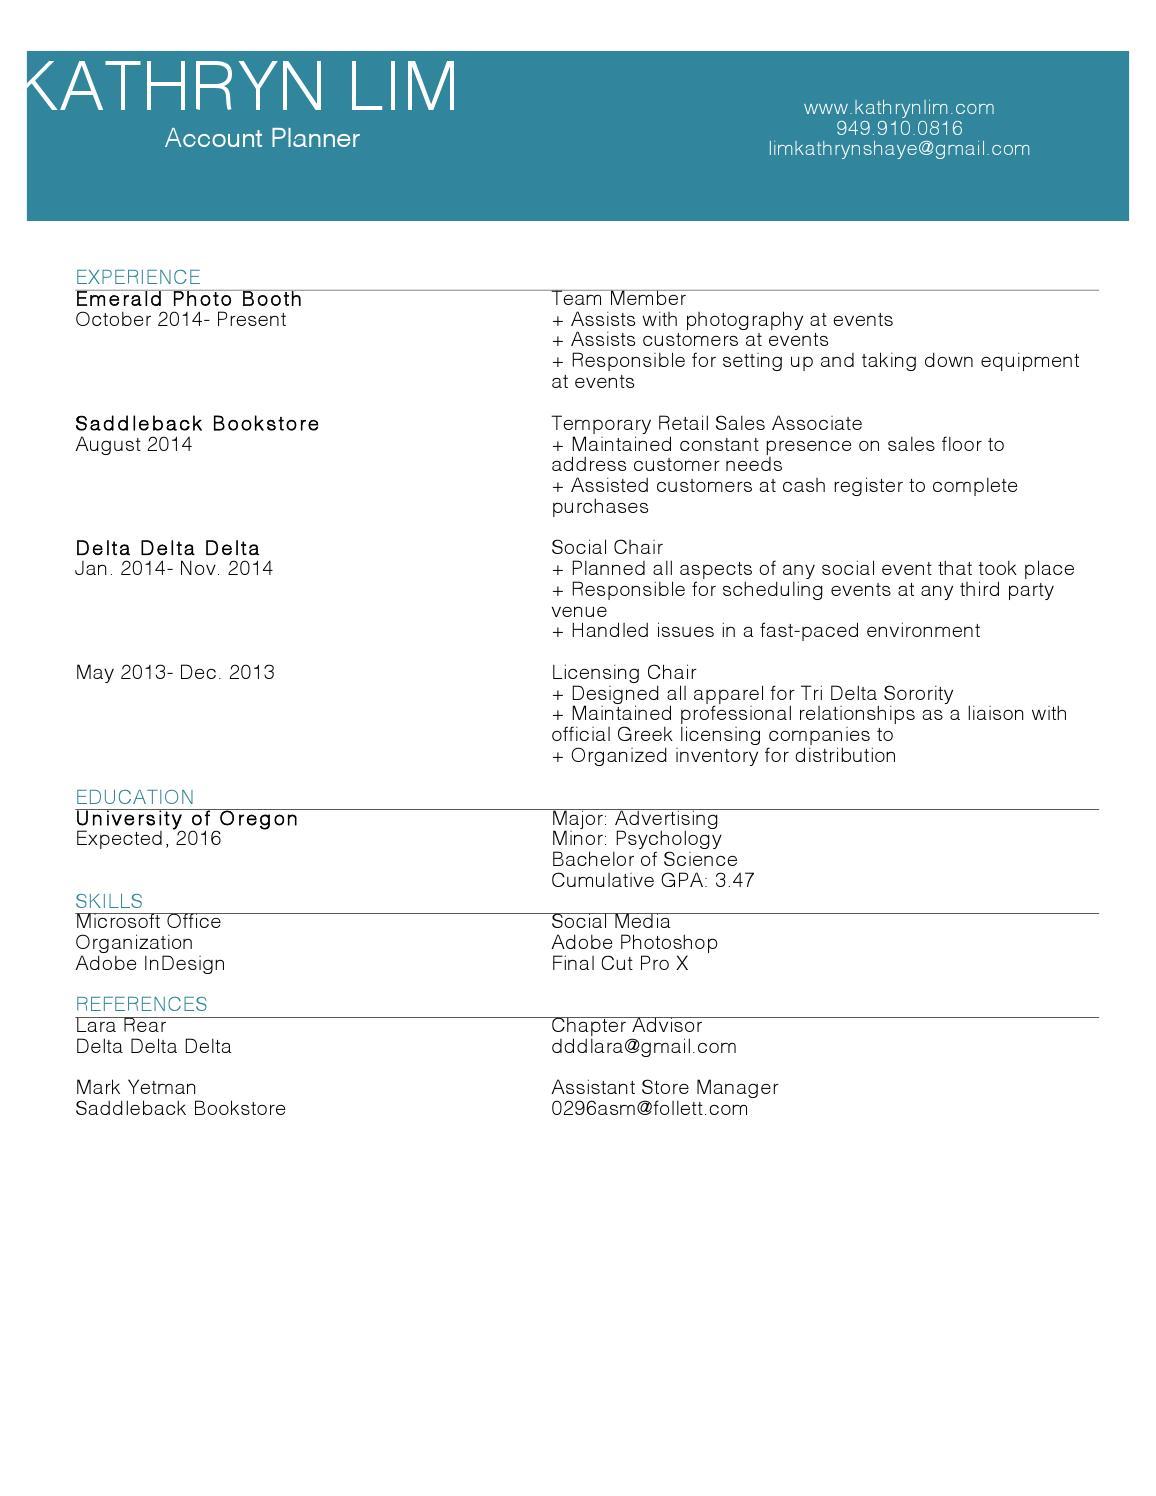 resume major gpa or cumulative